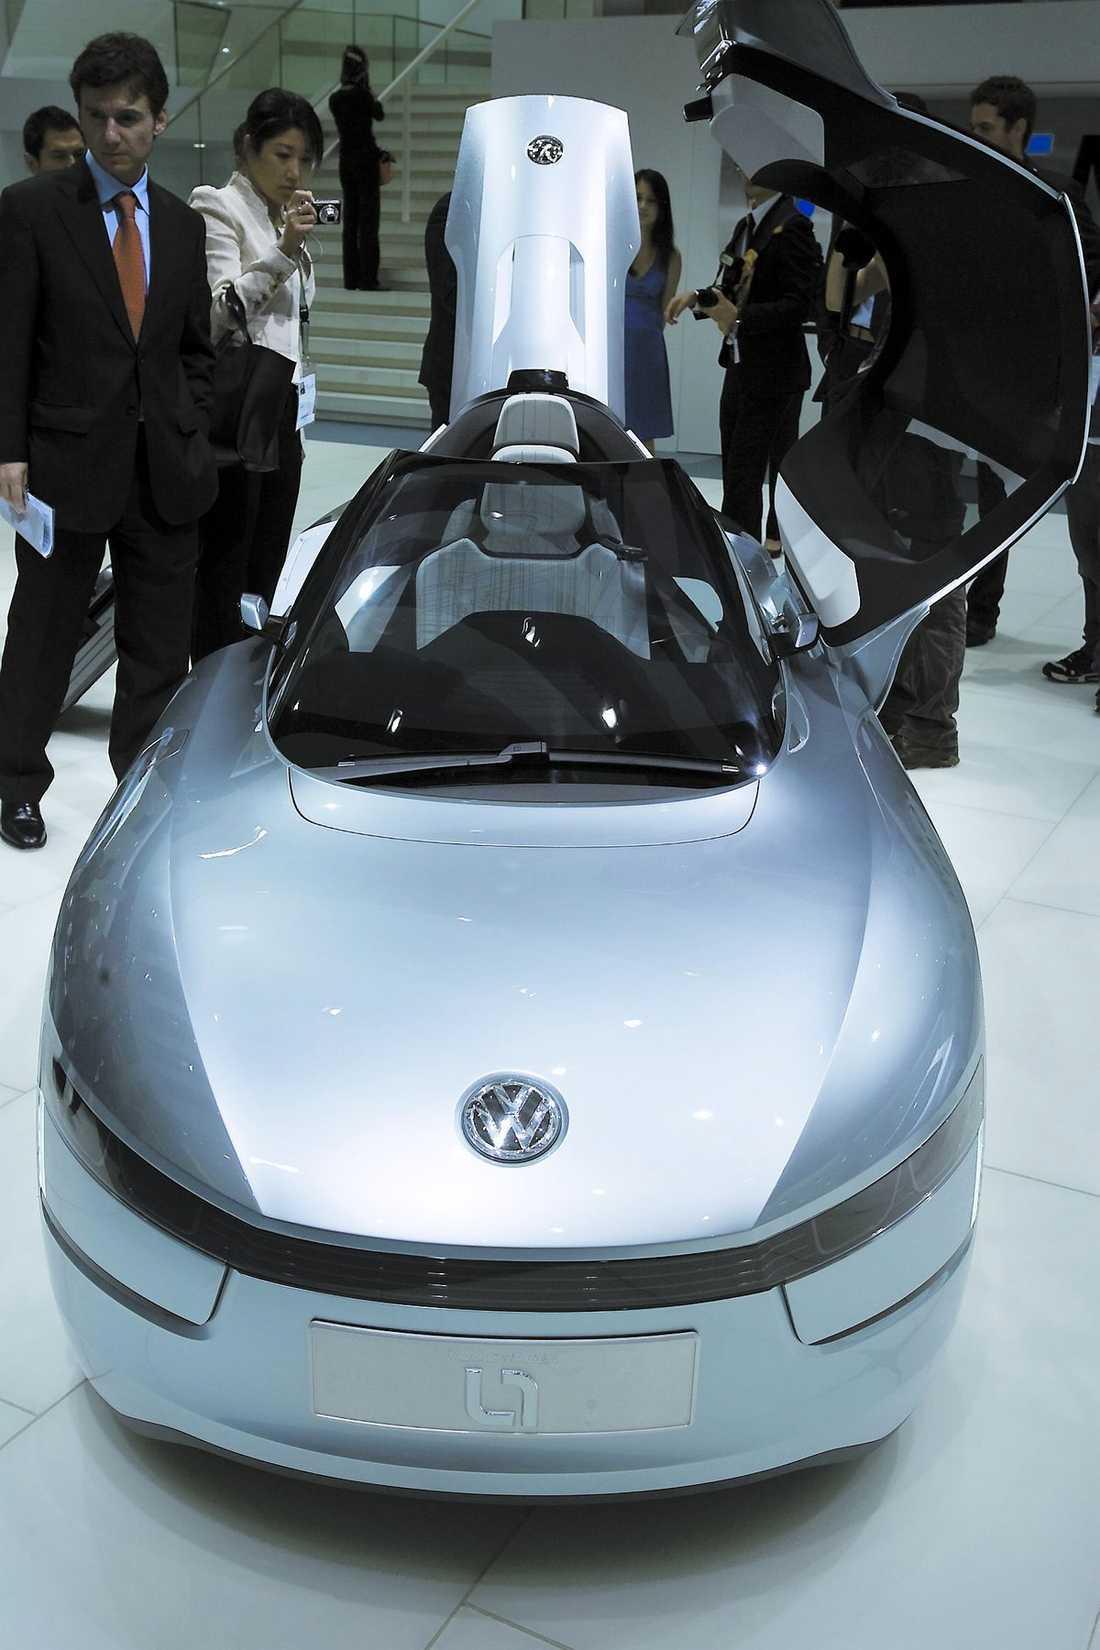 VW L1 En tvåcylindrig diesel och en liten elmotor på tillsammans 39 hk driver den här udda bilen från Volkswagen. Karossen i kolfiber får ner vikten till 380 kg, som en tung motorcykel. Toppfarten är 160 km/tim och förbrukningen superlåga 0,149 liter milen. Produktion i liten skala 2013.